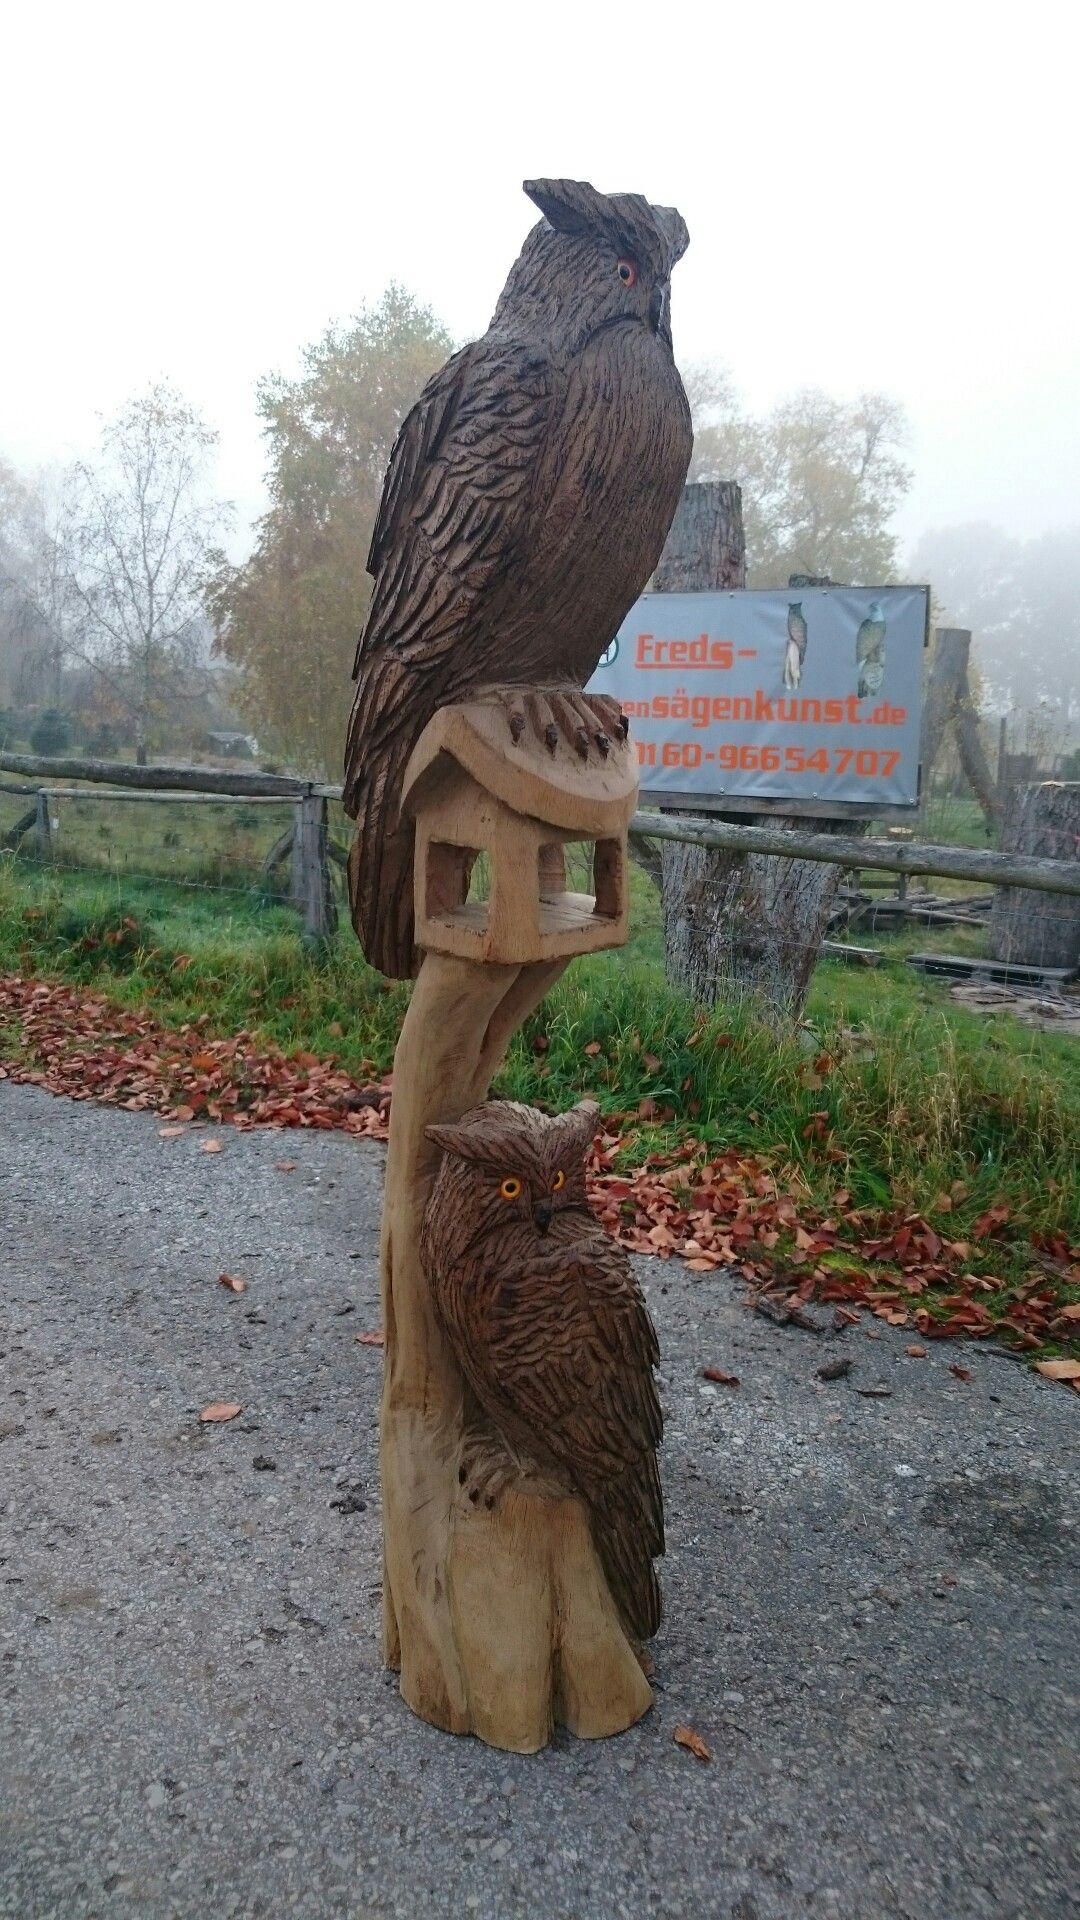 kettensägenkunst vogelhaus | الصناعات الصدفية و الخشبية و الإسمنتية